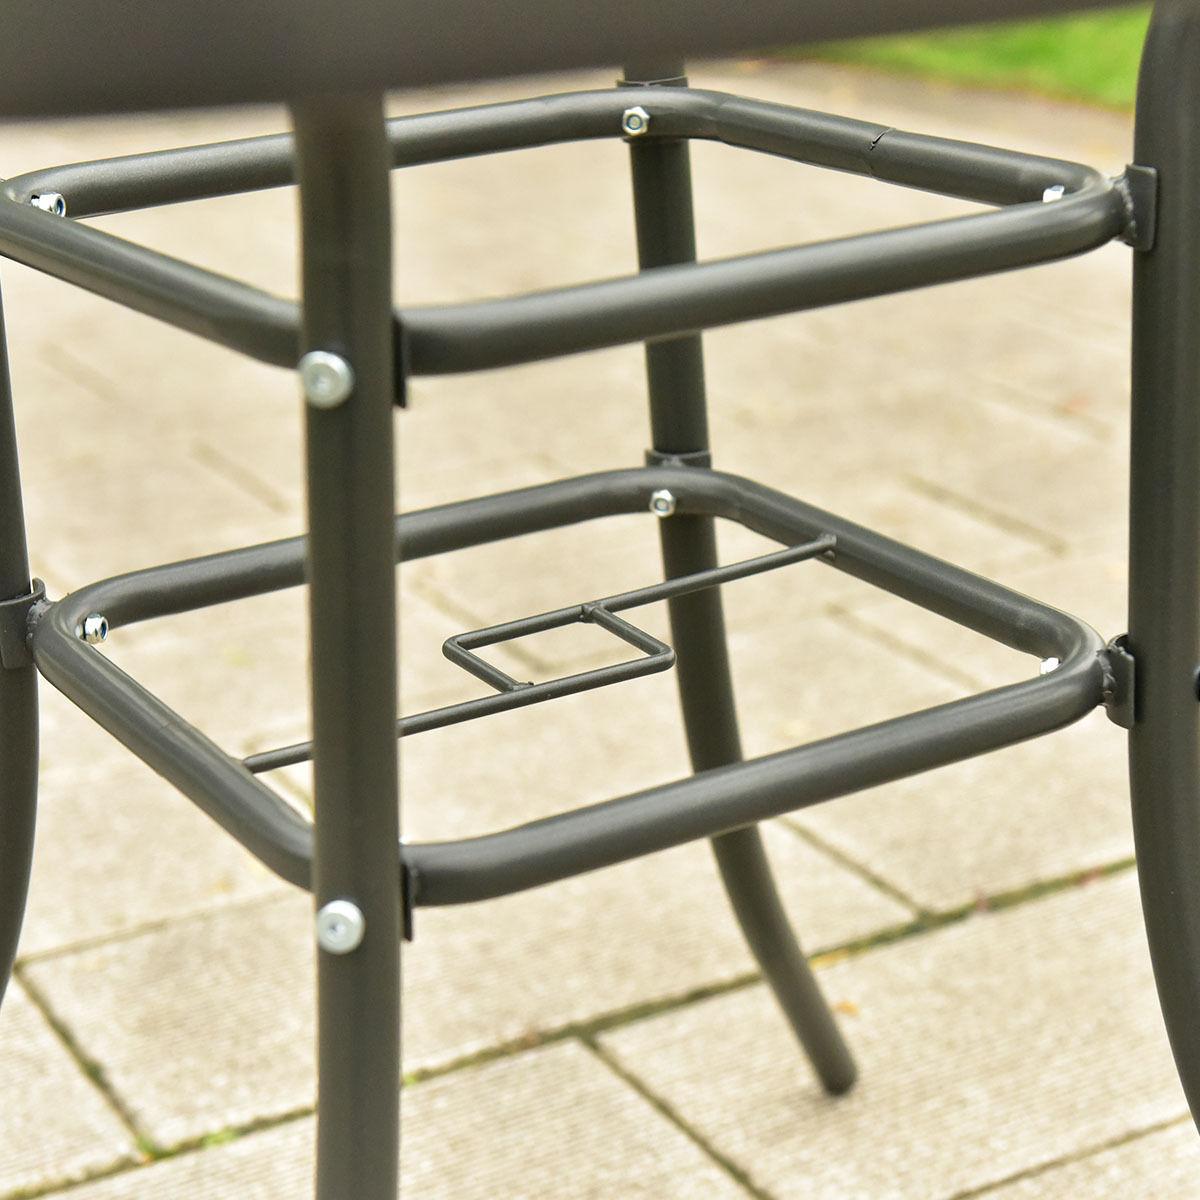 6 pcs Patio Folding Furniture Set with an Umbrella